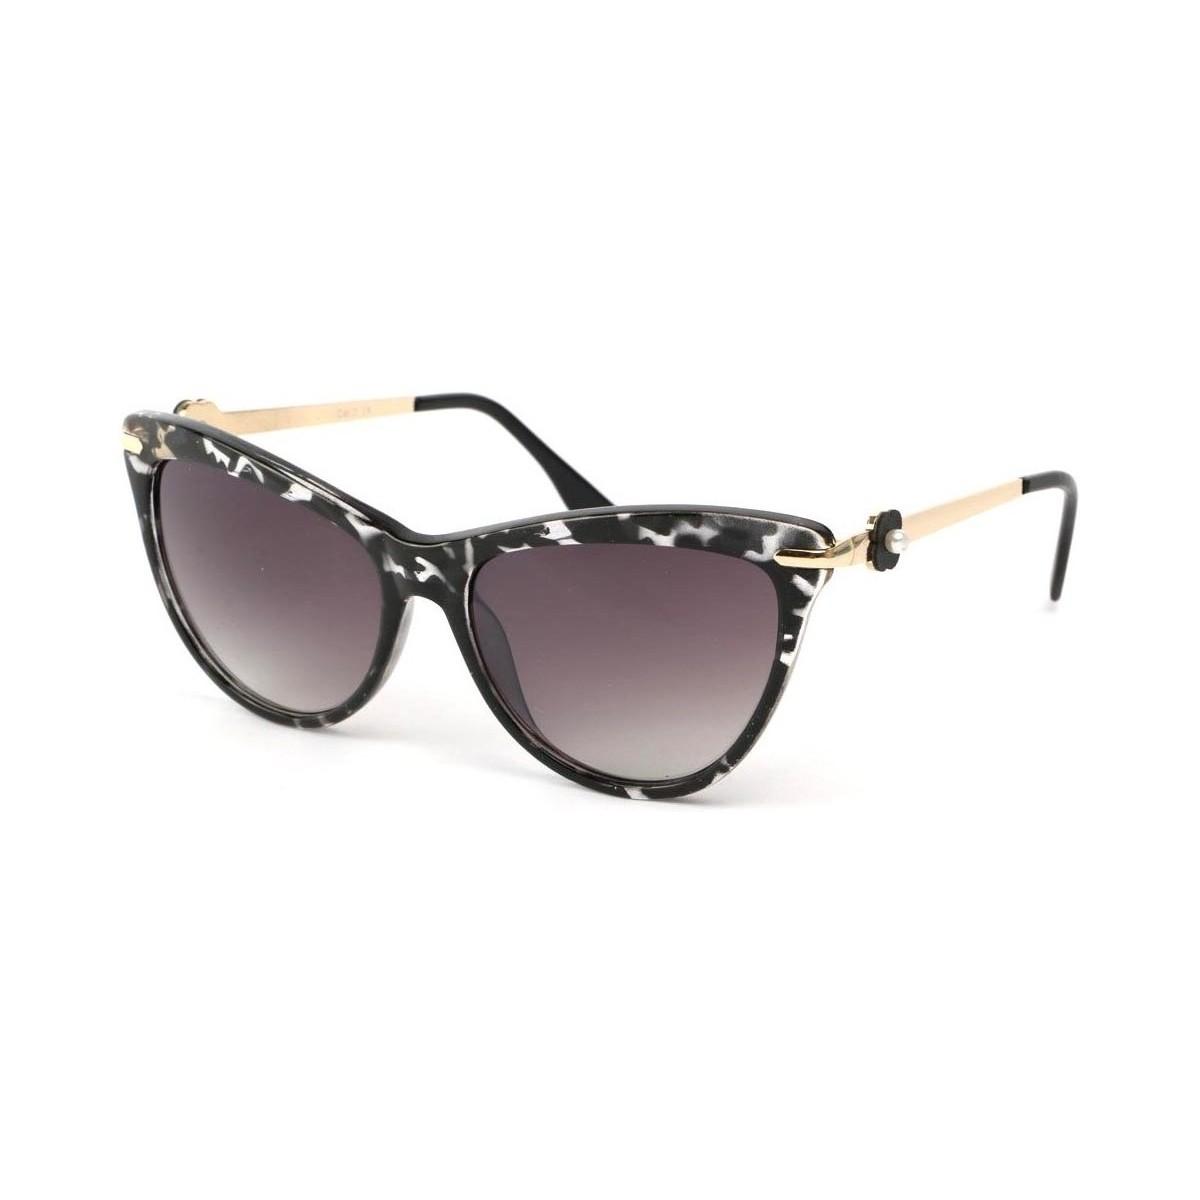 Eye Wear Lunettes Soleil Wave avec monture marbrée dorée Noir